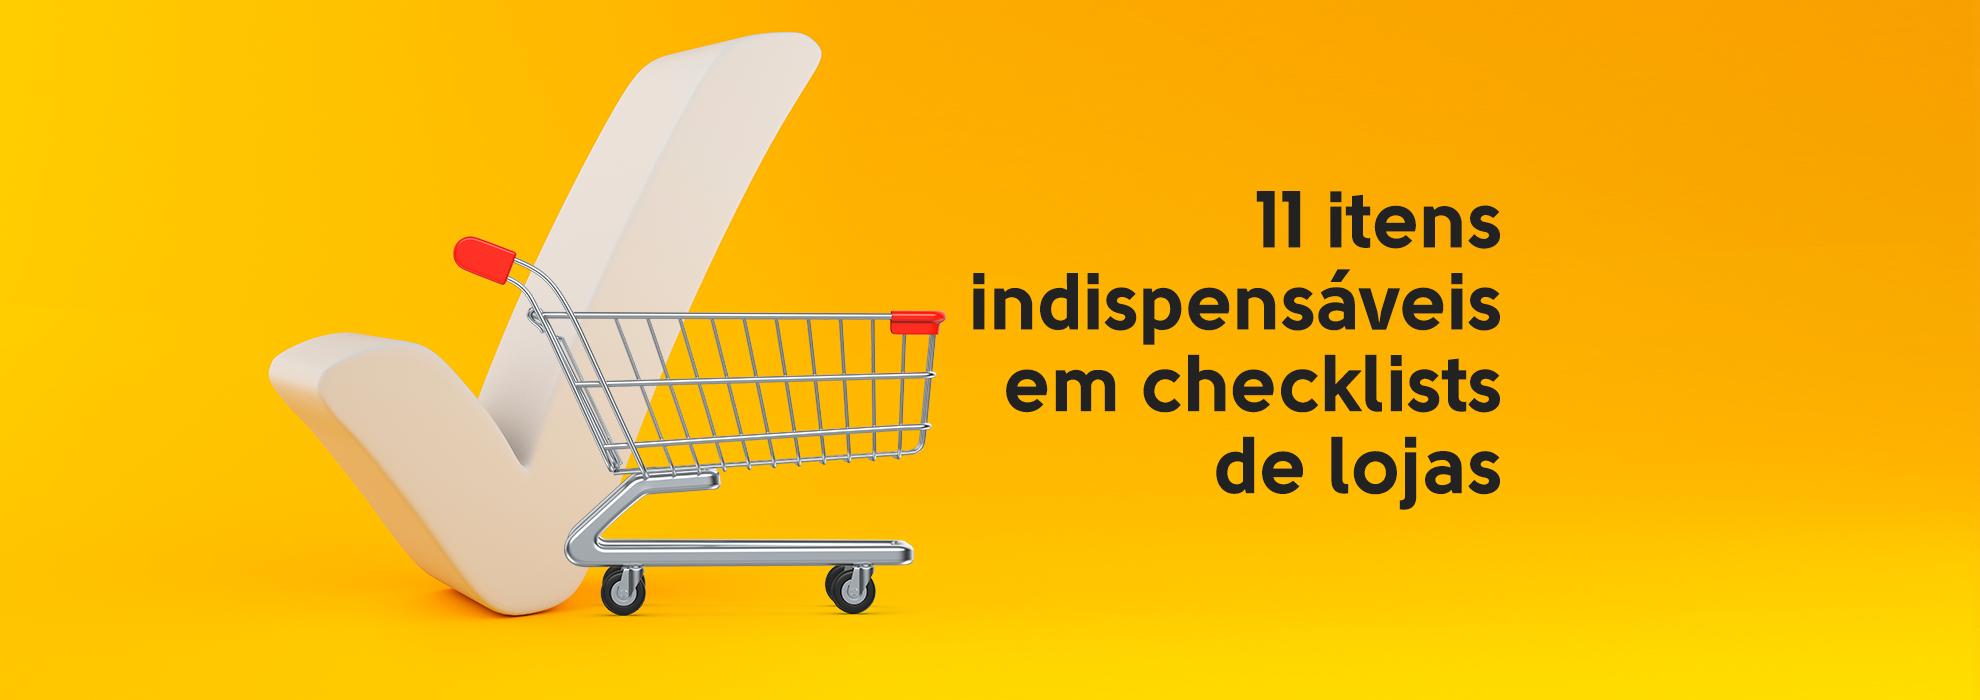 11 itens indispensáveis em checklists de lojas